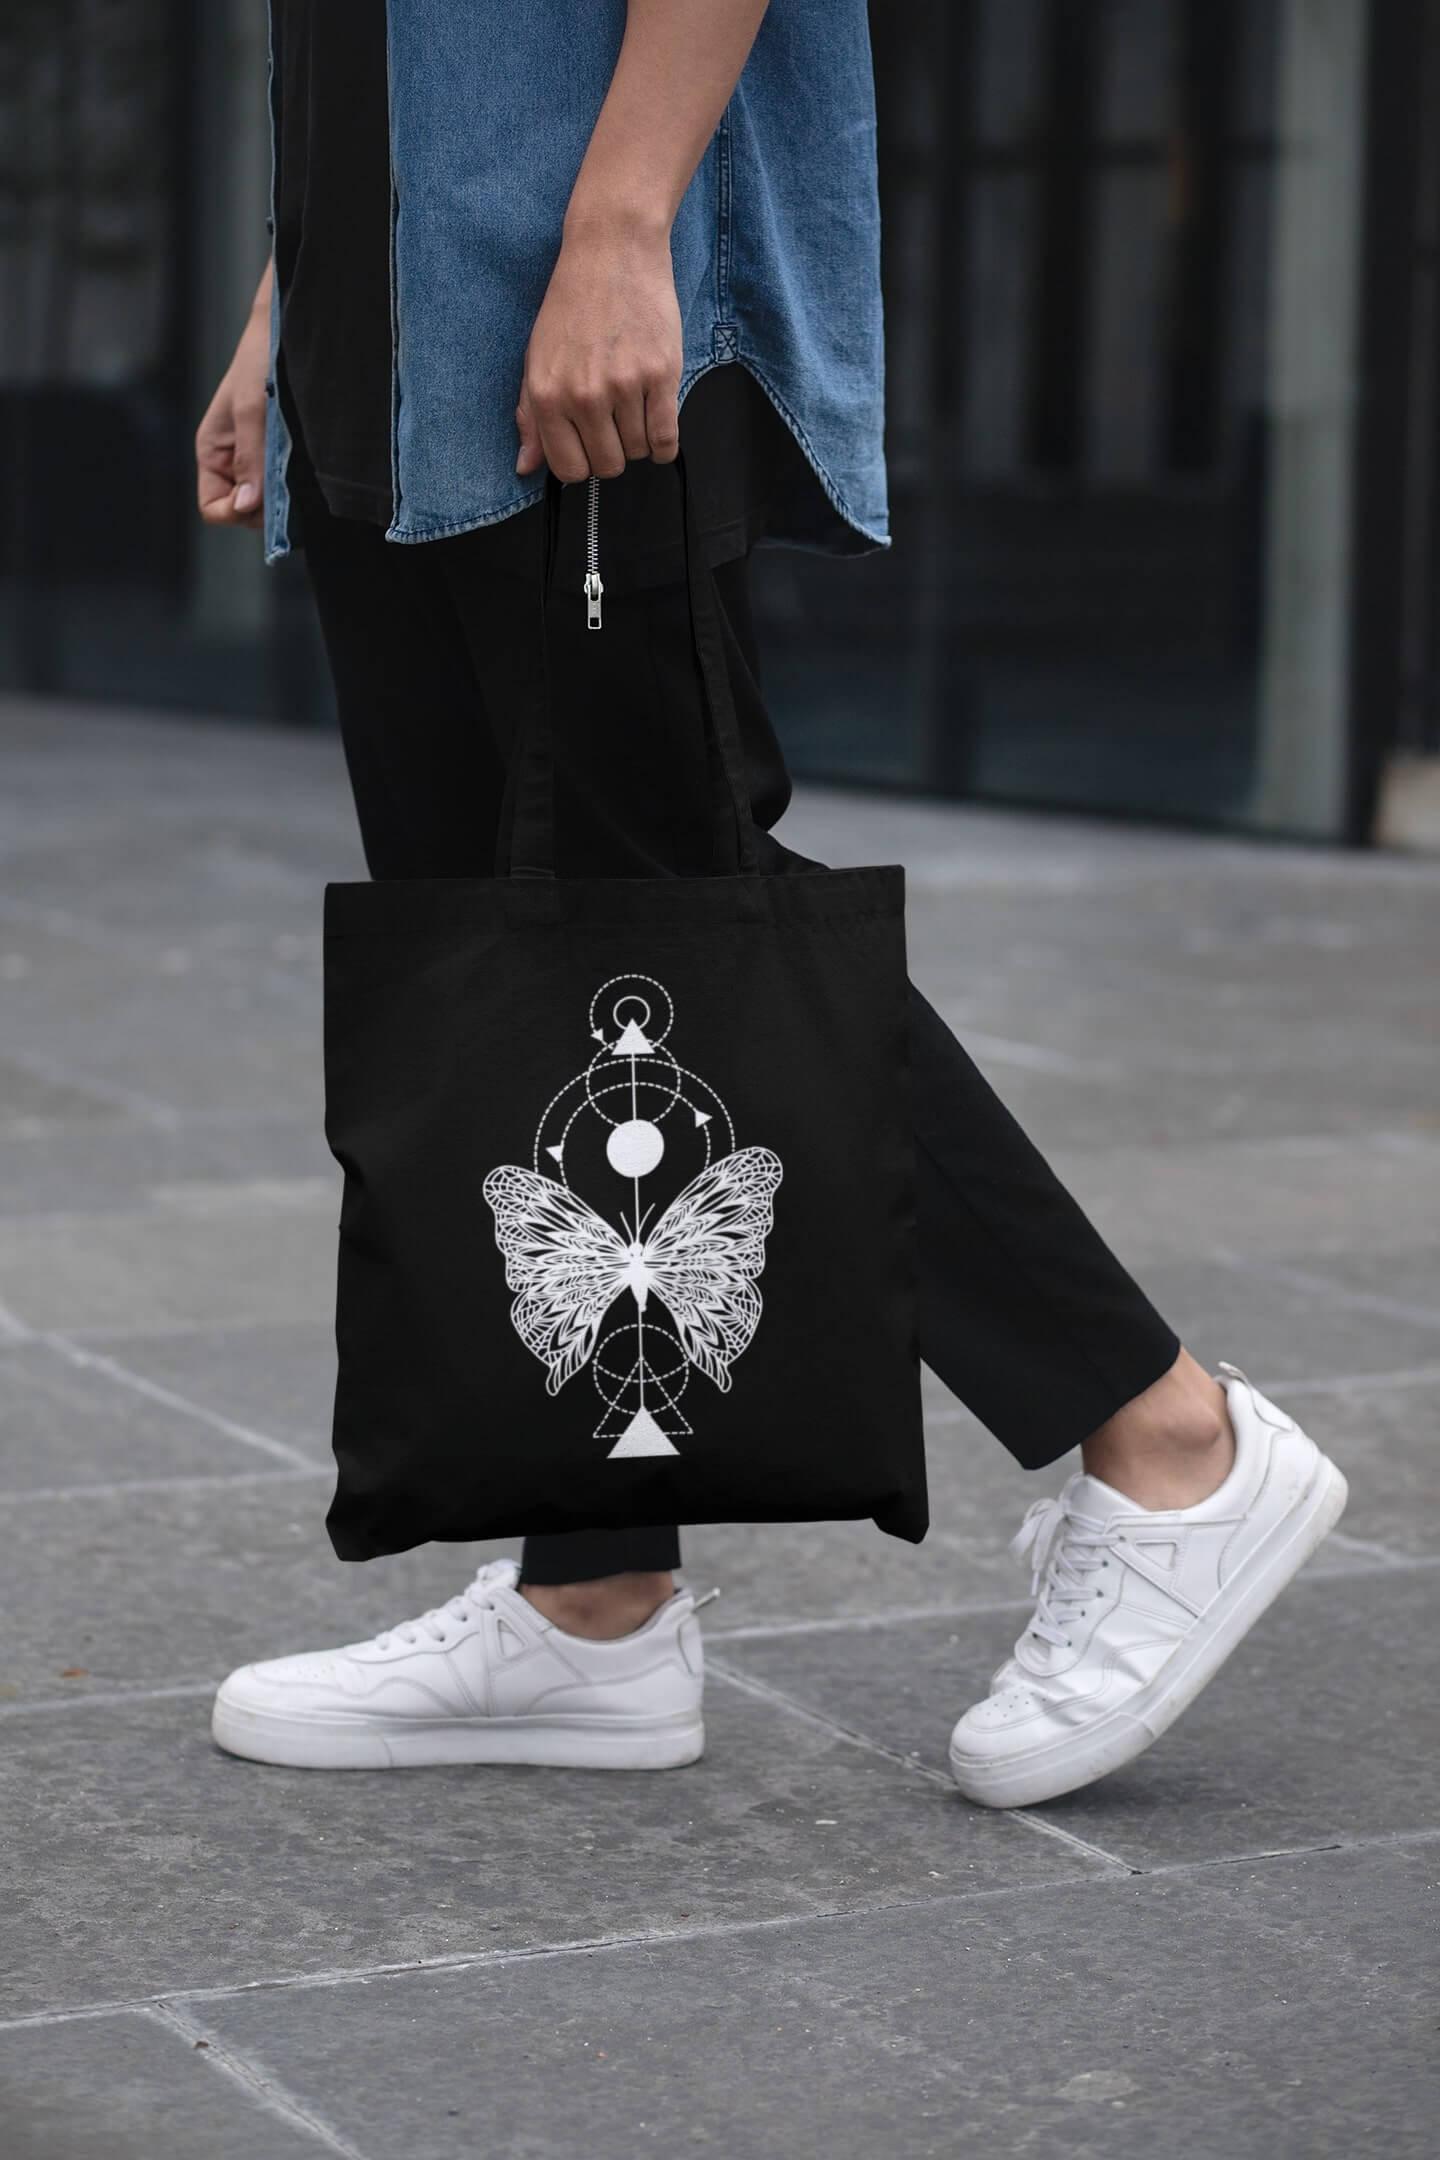 MMO Bavlnená taška Motýľ Farba tašky: Čierna